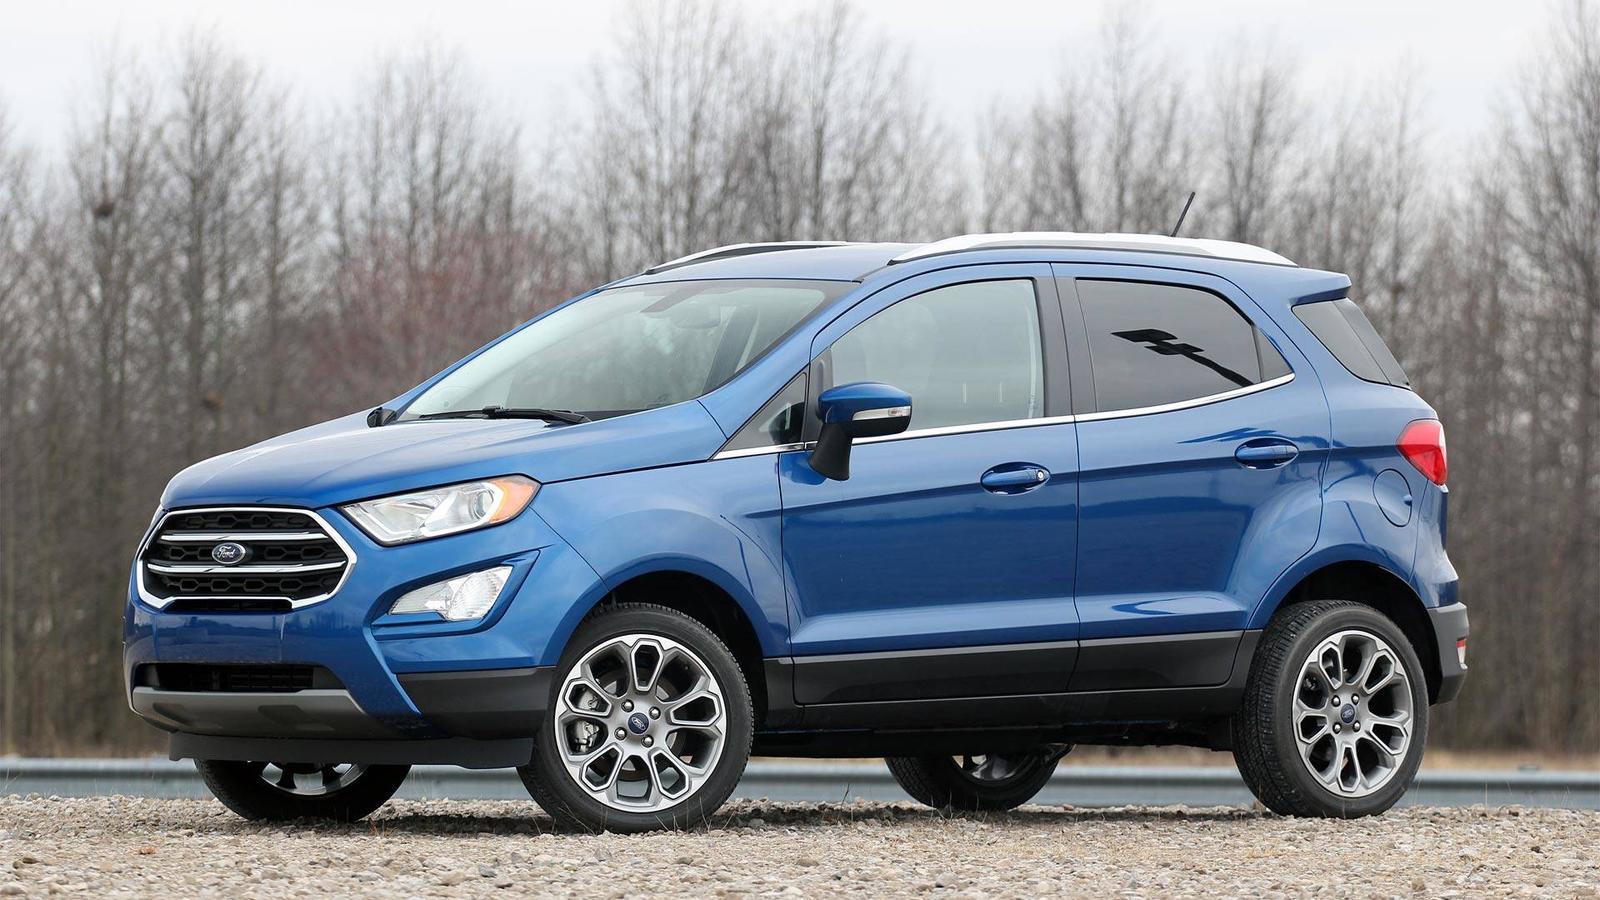 Ford liên tiếp thông báo triệu hồi hàng chục nghìn xe tại Việt Nam Ảnh 3